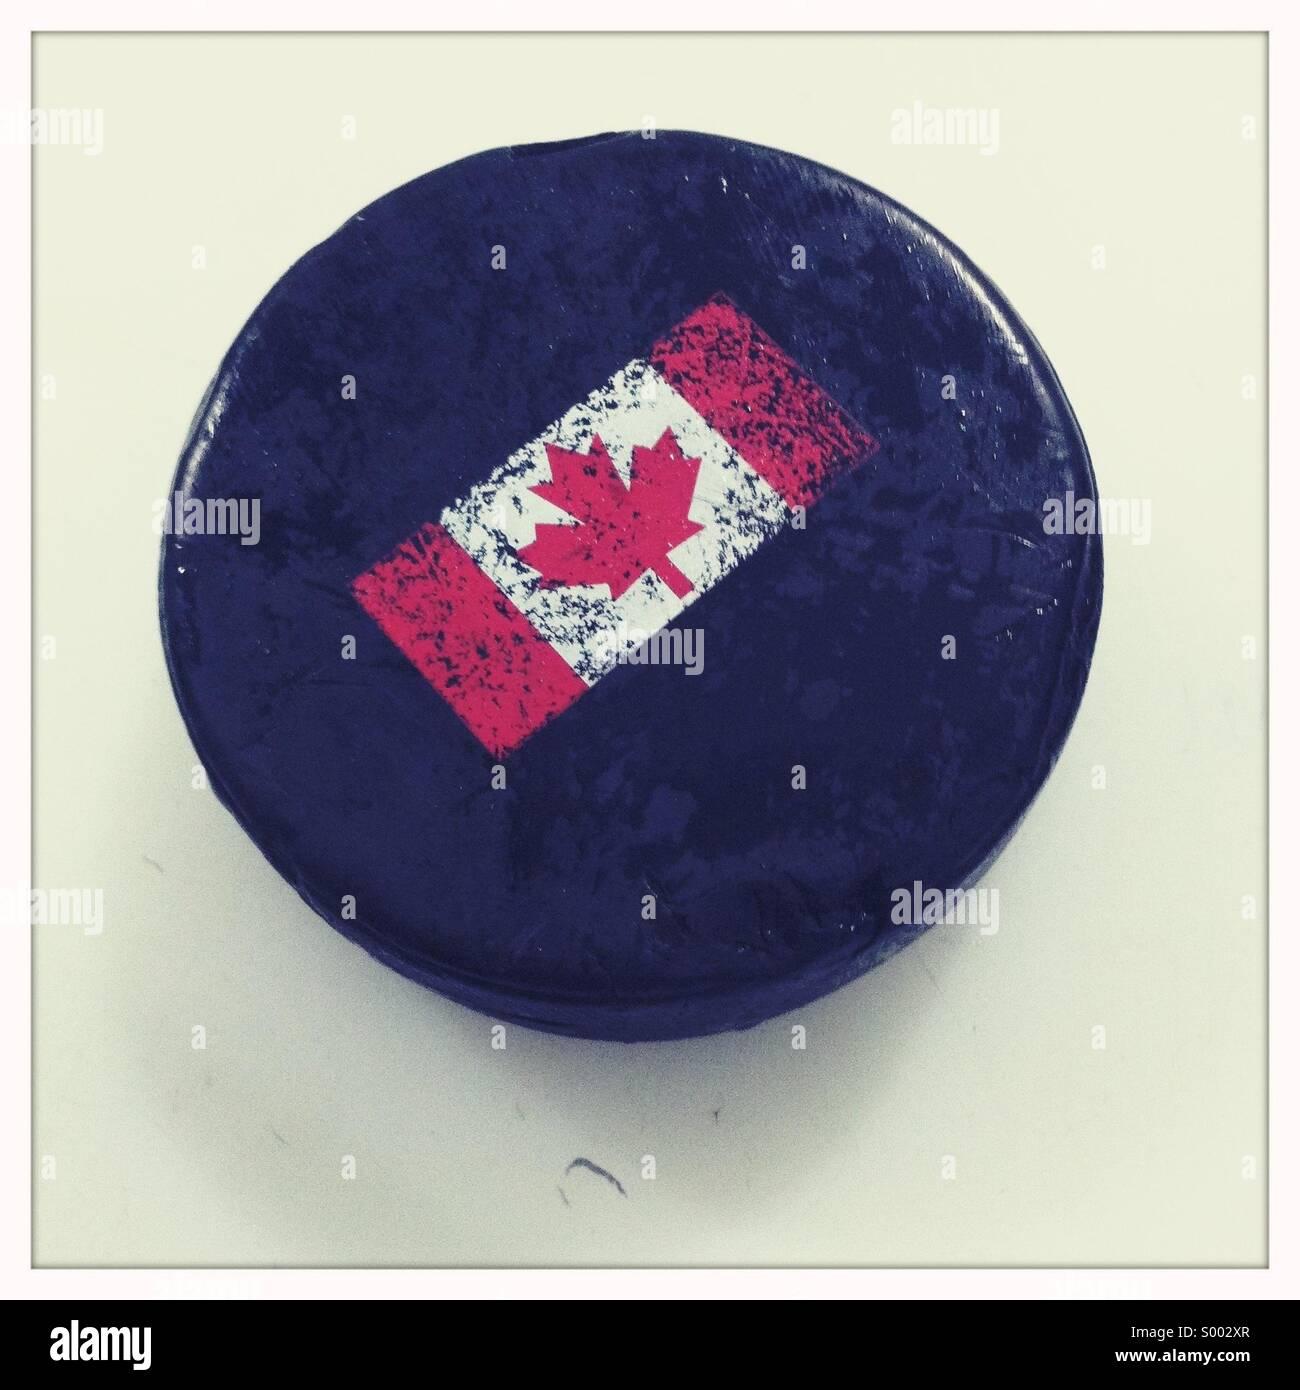 Une rondelle de hockey sur glace noire avec une peinte aux couleurs du drapeau canadien. Photo Stock